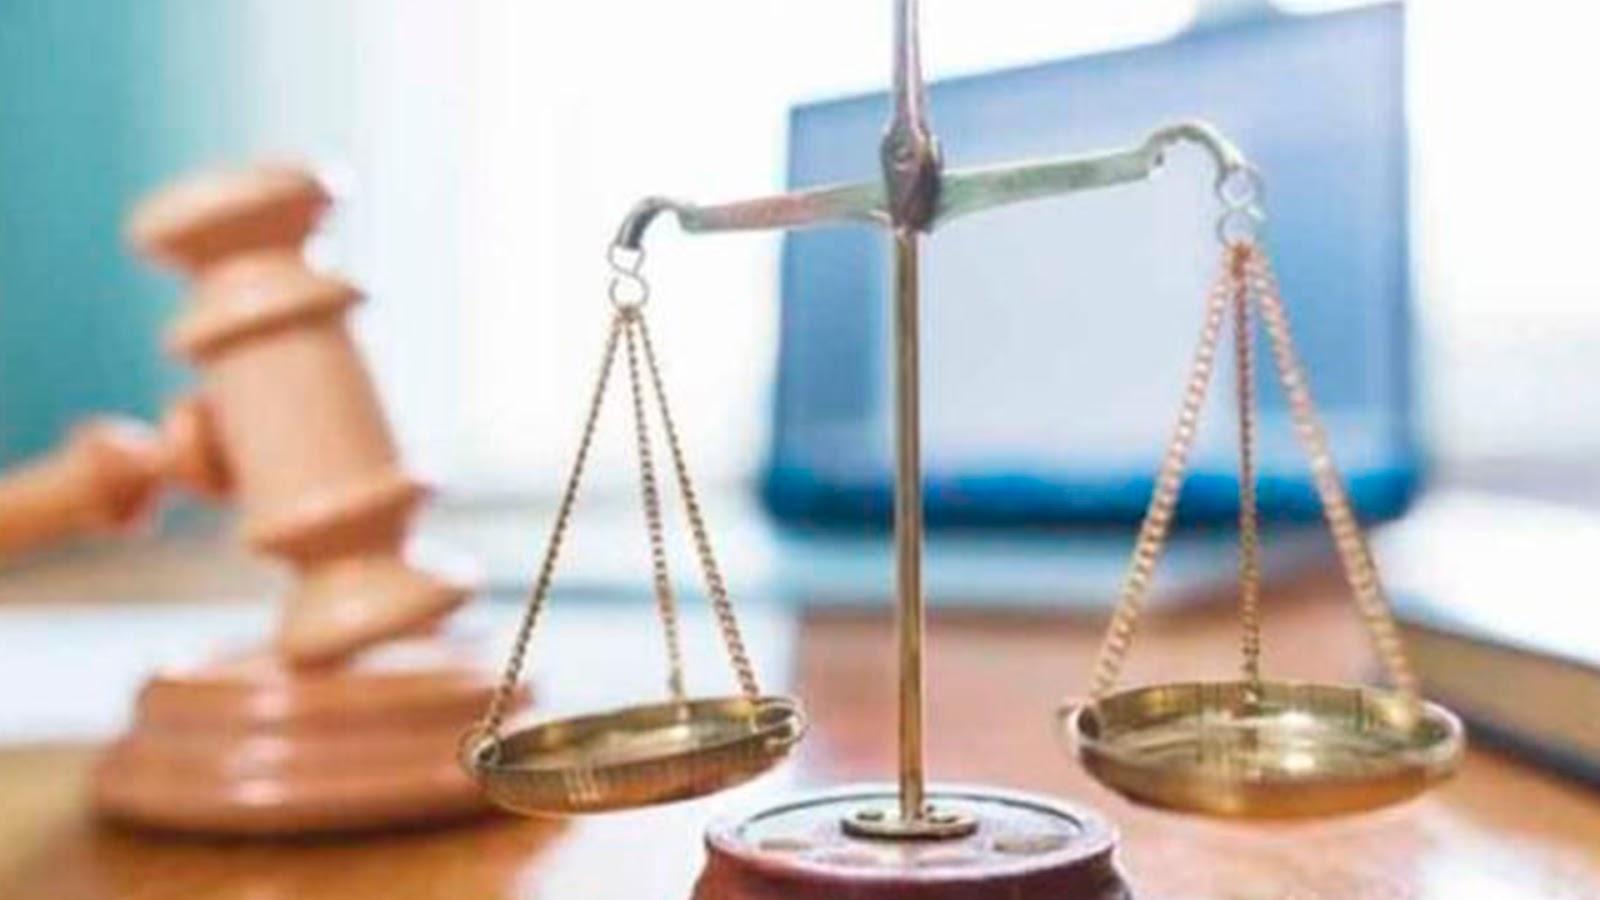 Aprueba el Senado que jueces y magistrados hagan publicas las sentencias para evitar discriminación y corrupción.